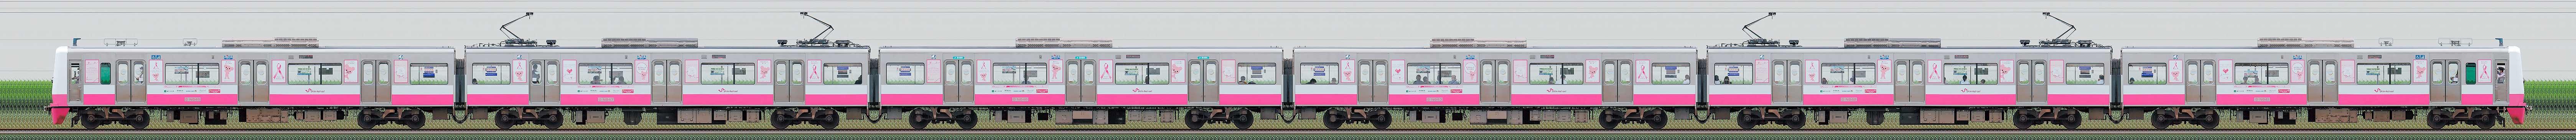 新京成N800形N848編成「新京成ピンクリボントレイン」(海側)の編成サイドビュー